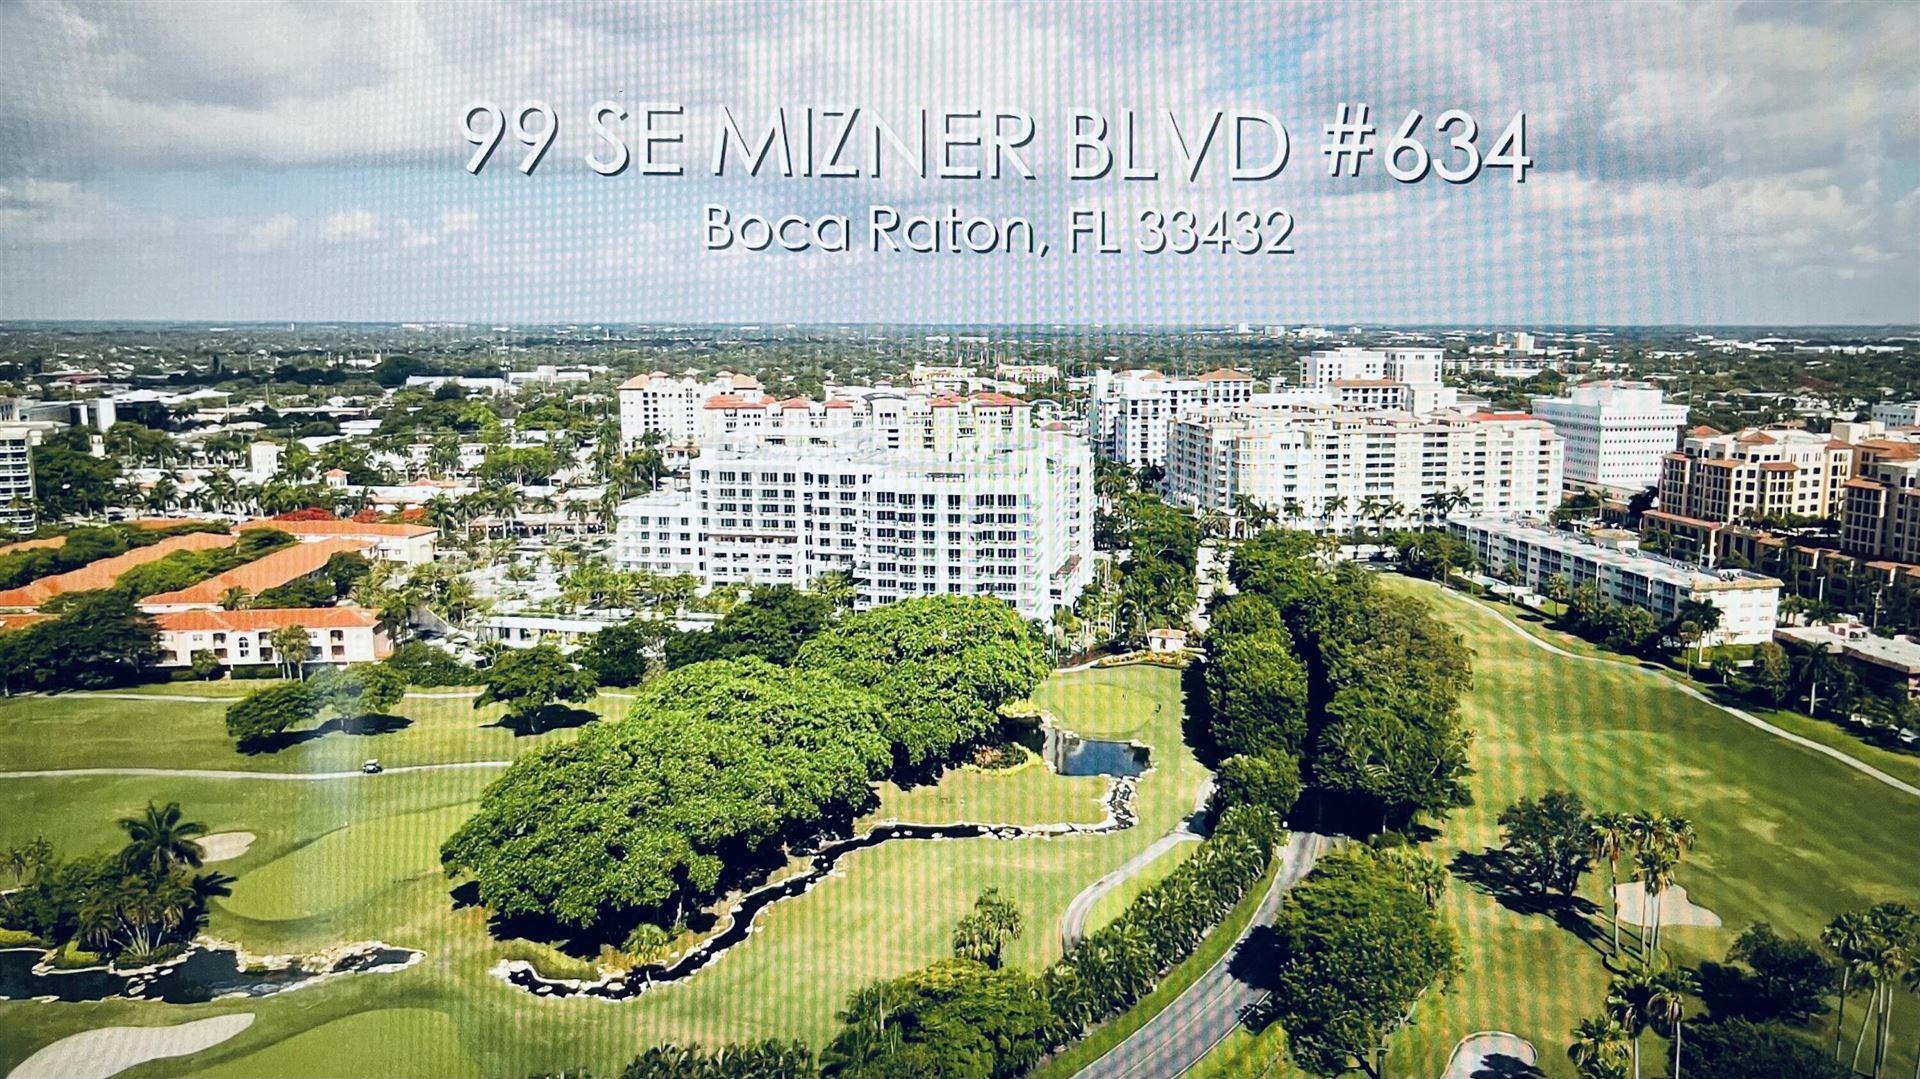 99 SE Mizner Boulevard #634, Boca Raton, FL 33432 - MLS#: RX-10660817